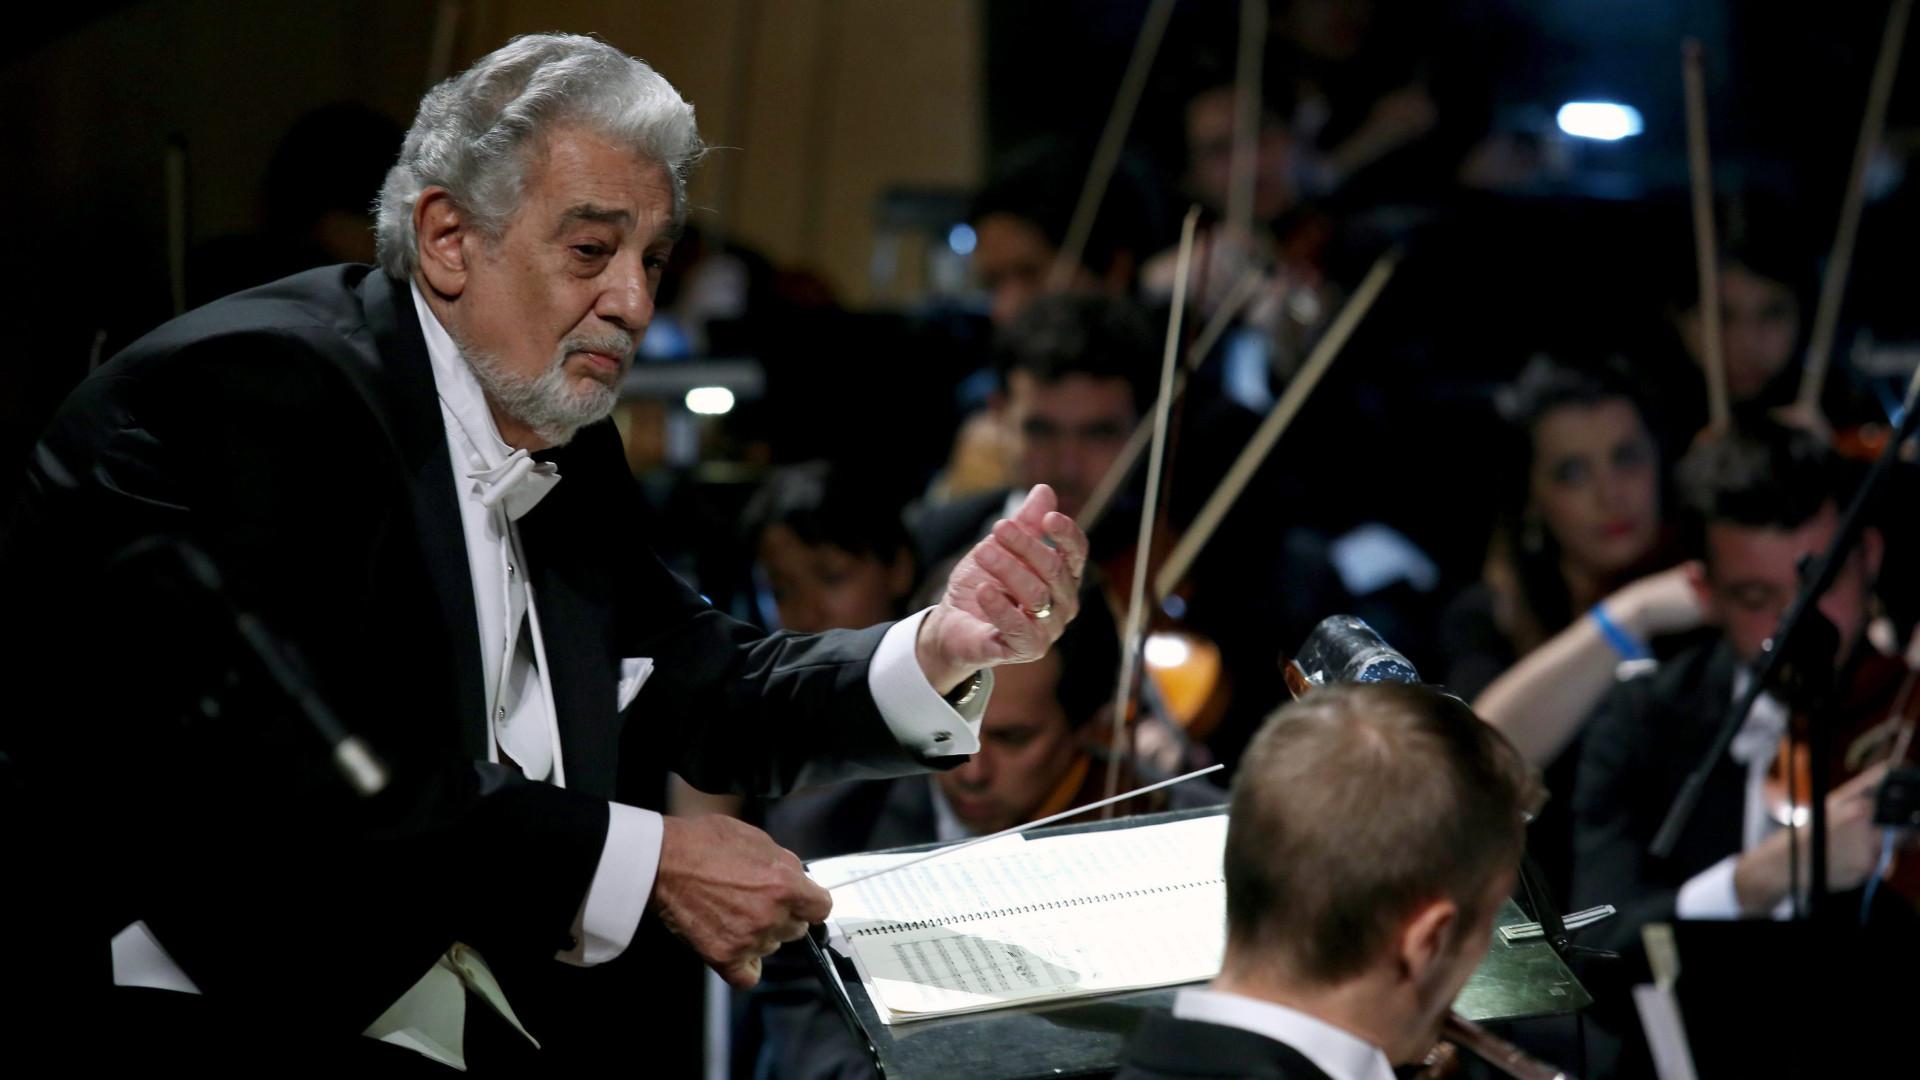 Concurso internacional de ópera pela primeira vez em Lisboa em agosto